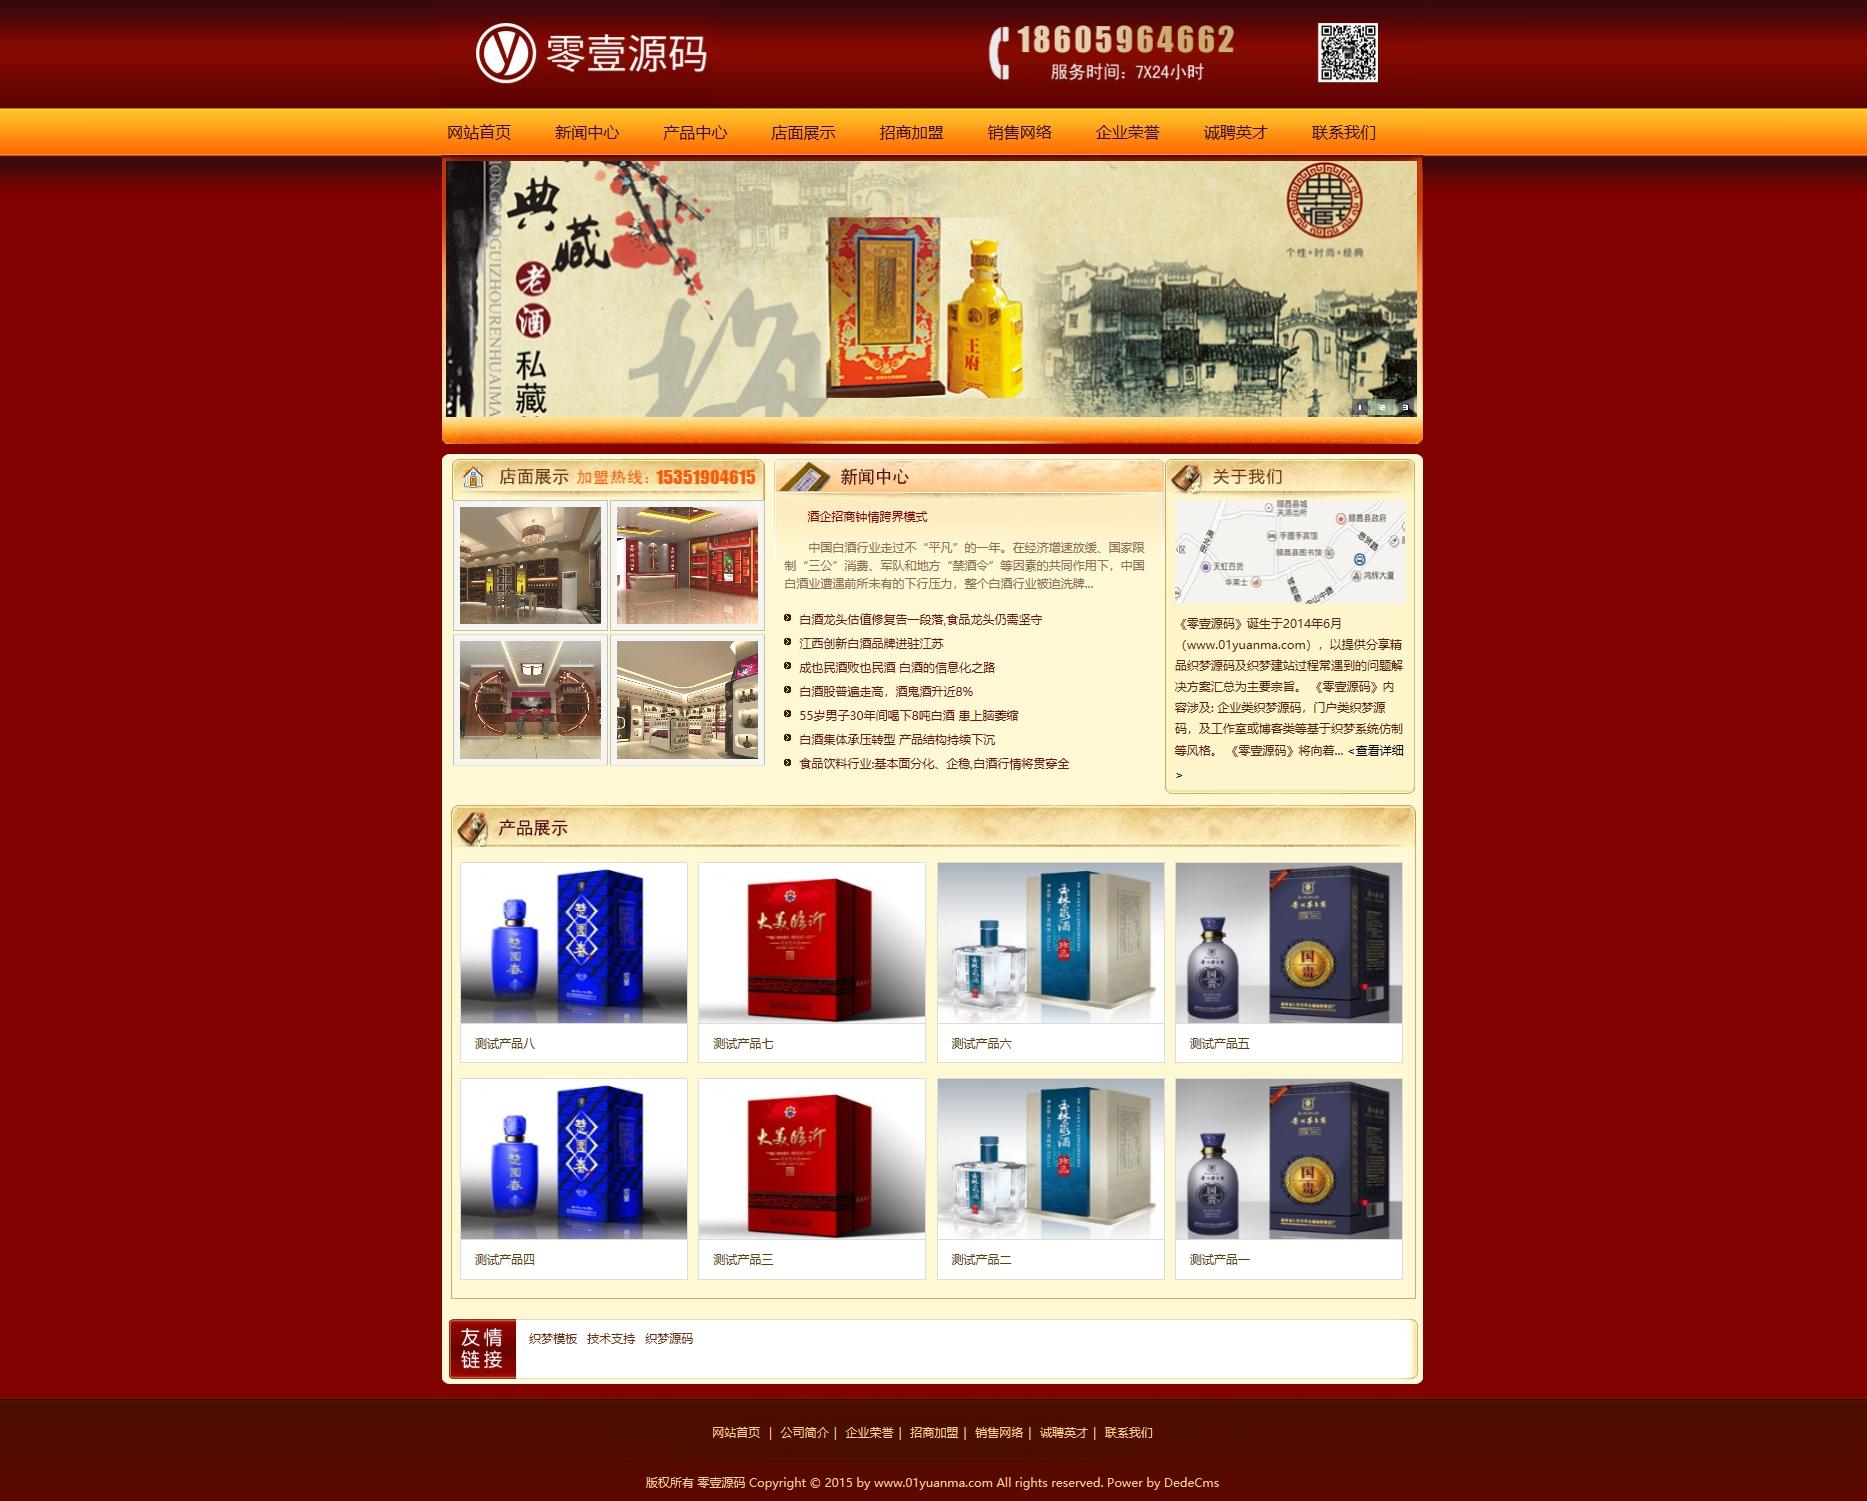 红色品牌酒类食品行业公司网站织梦dedecms模板